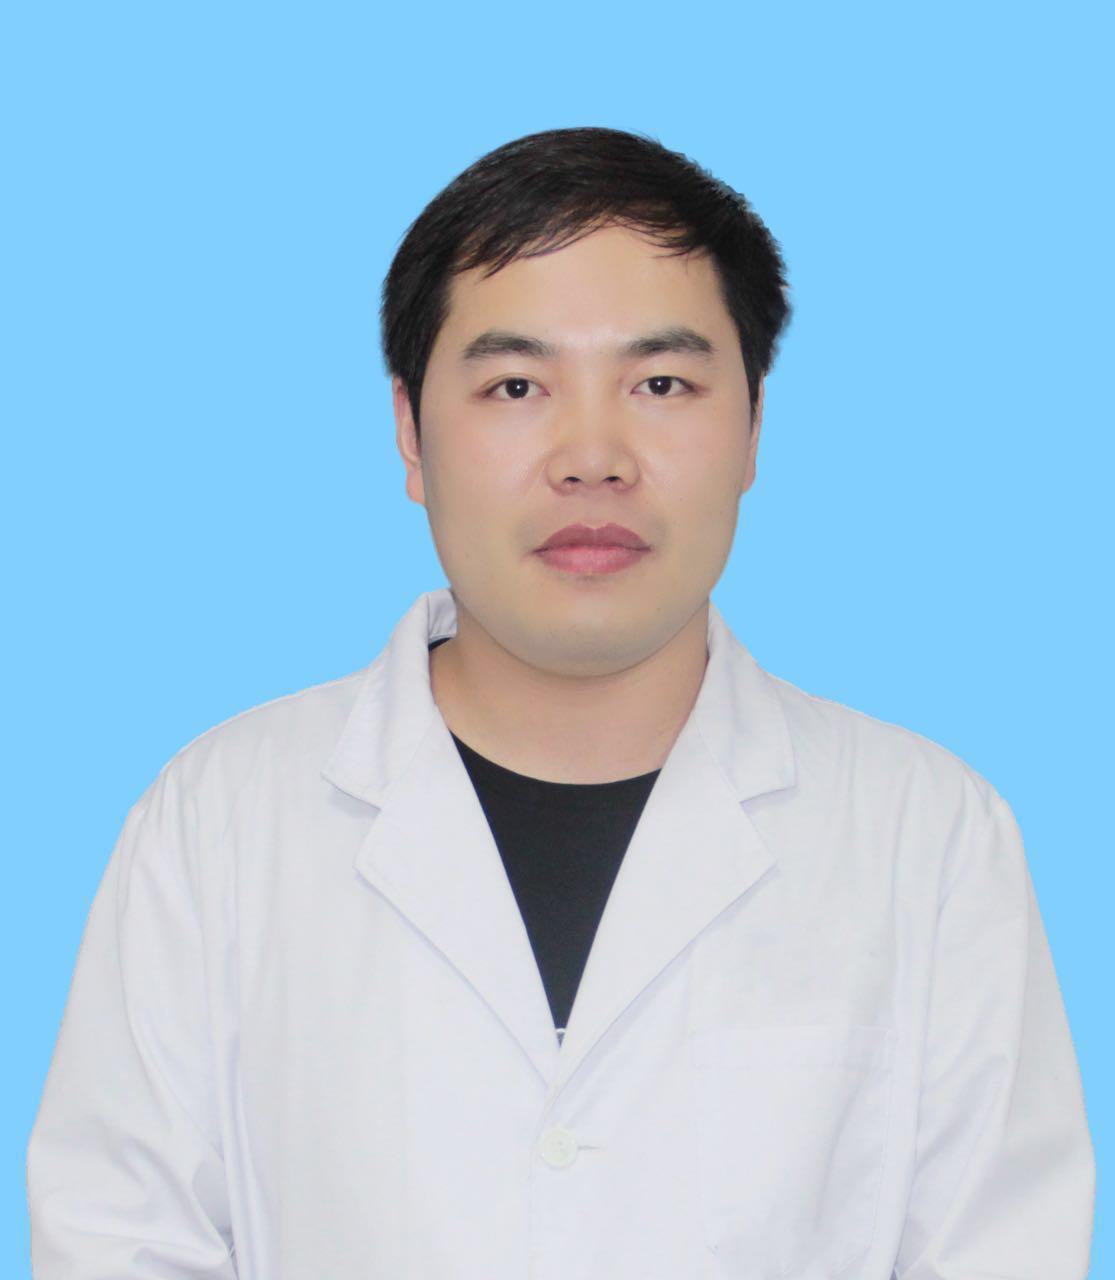 石强威医生